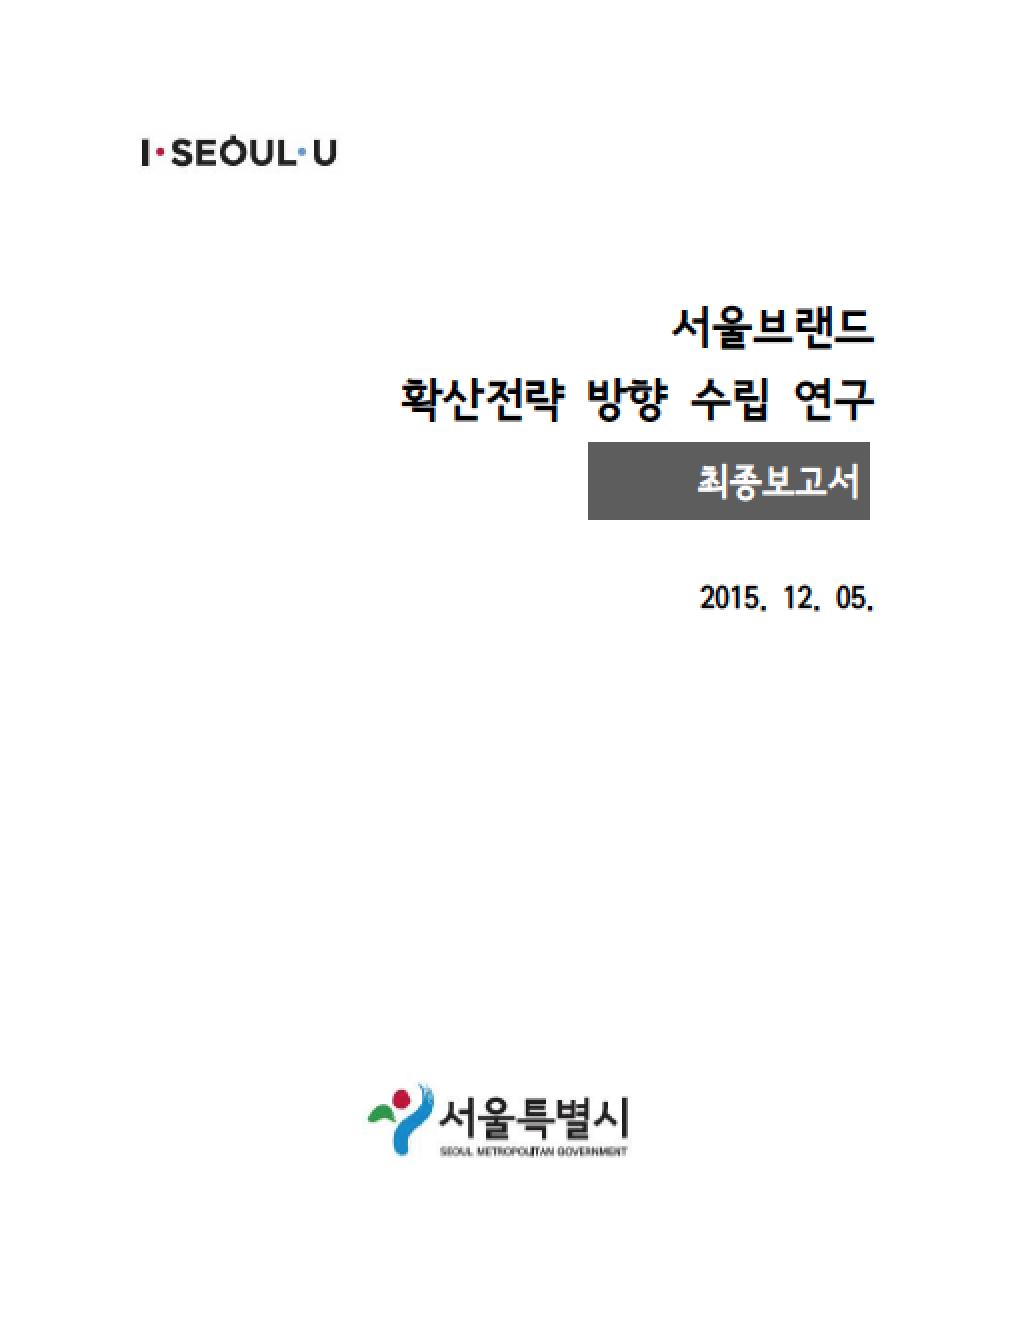 서울브랜드 개발 및 확산전략 수립